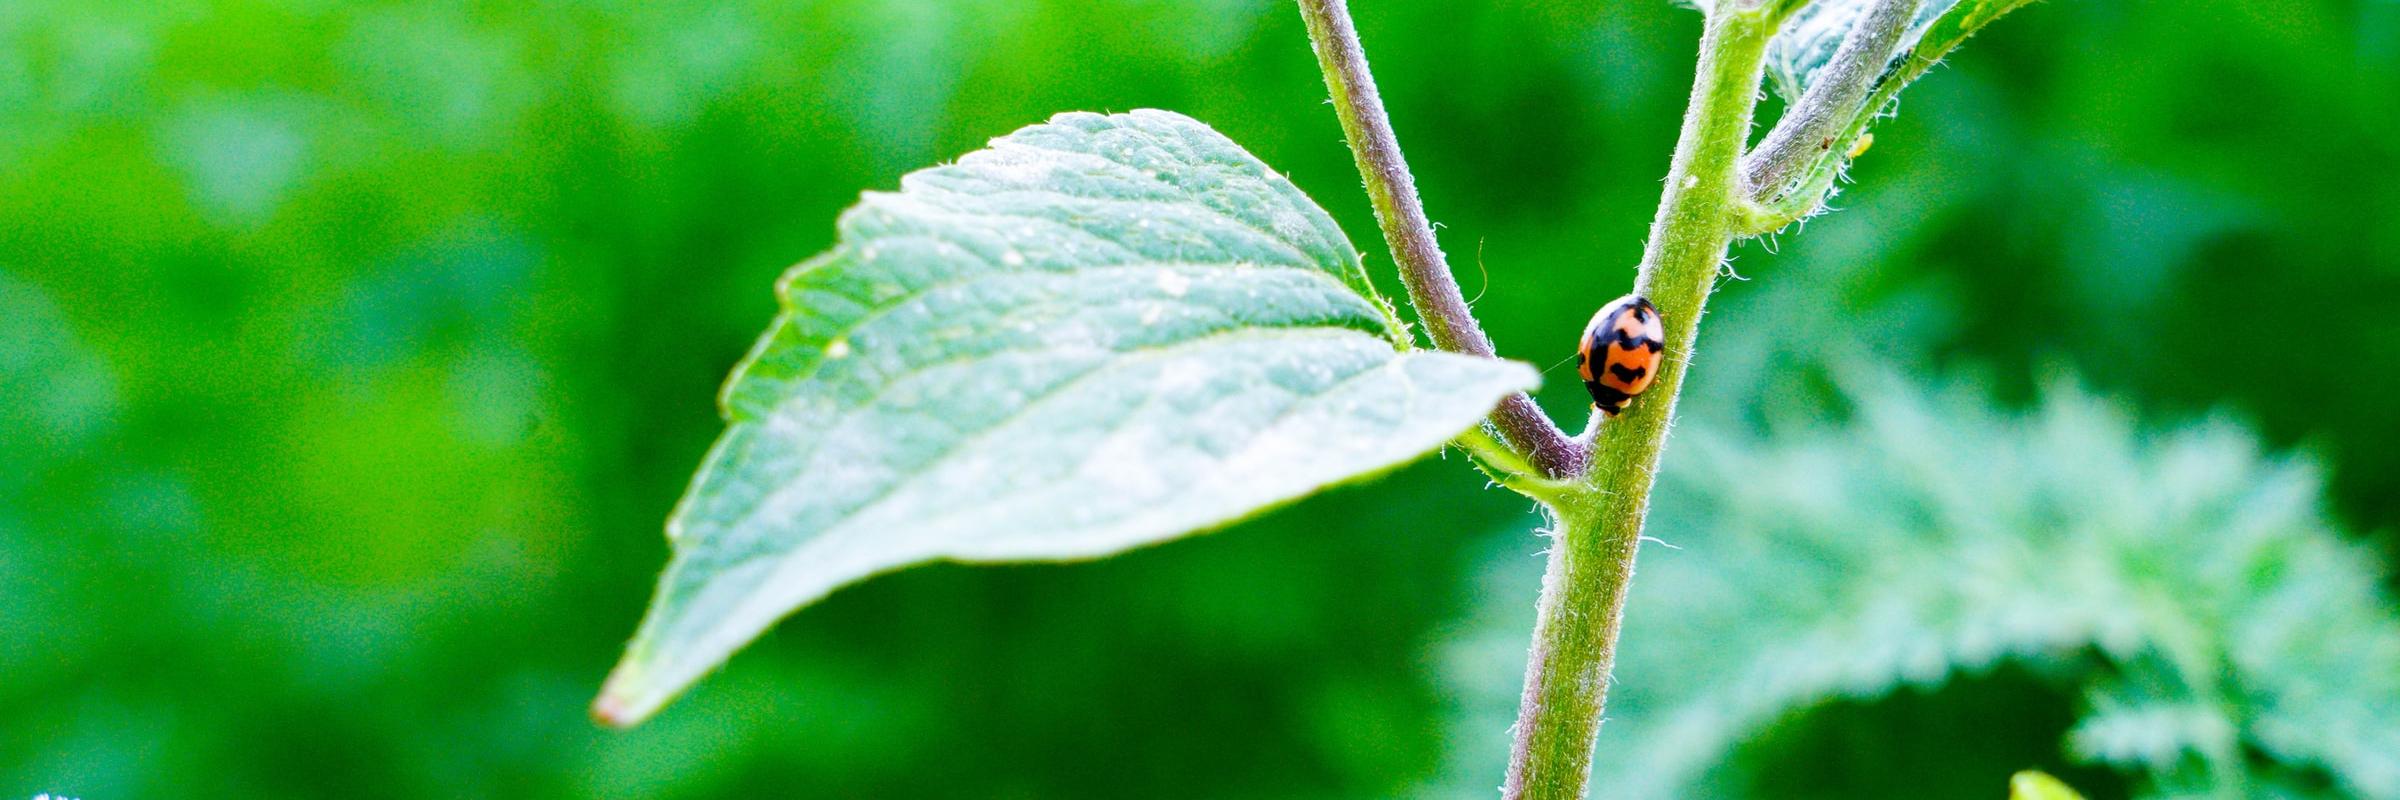 A lady bug crawls along a green leaf.